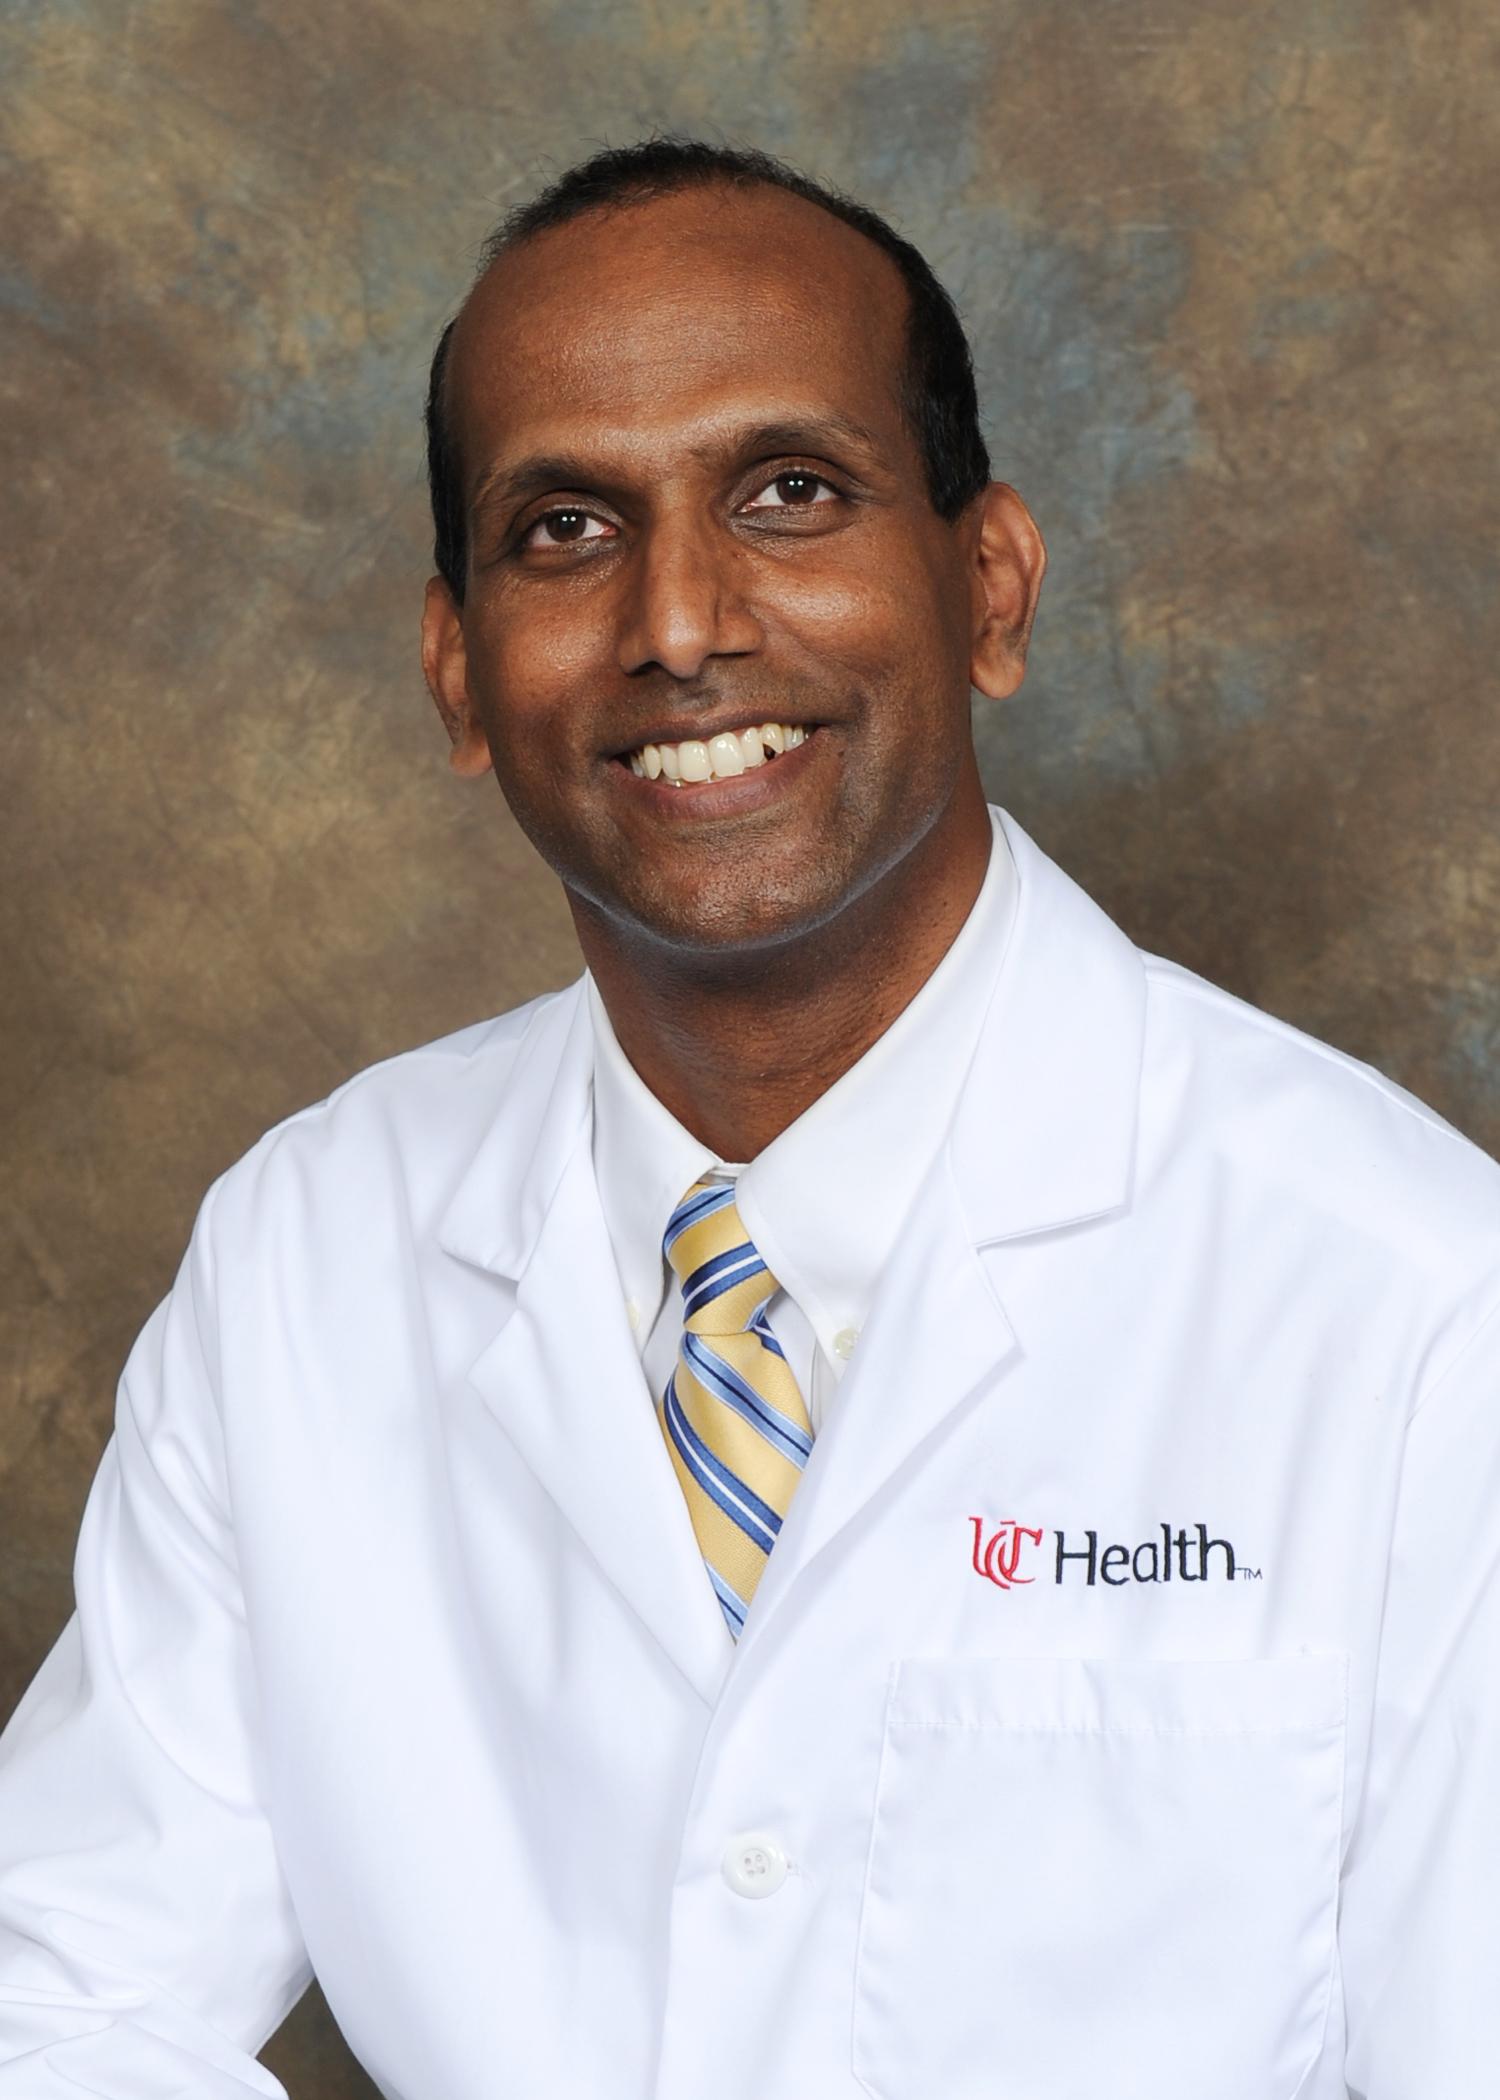 Narayn Pillai, MD